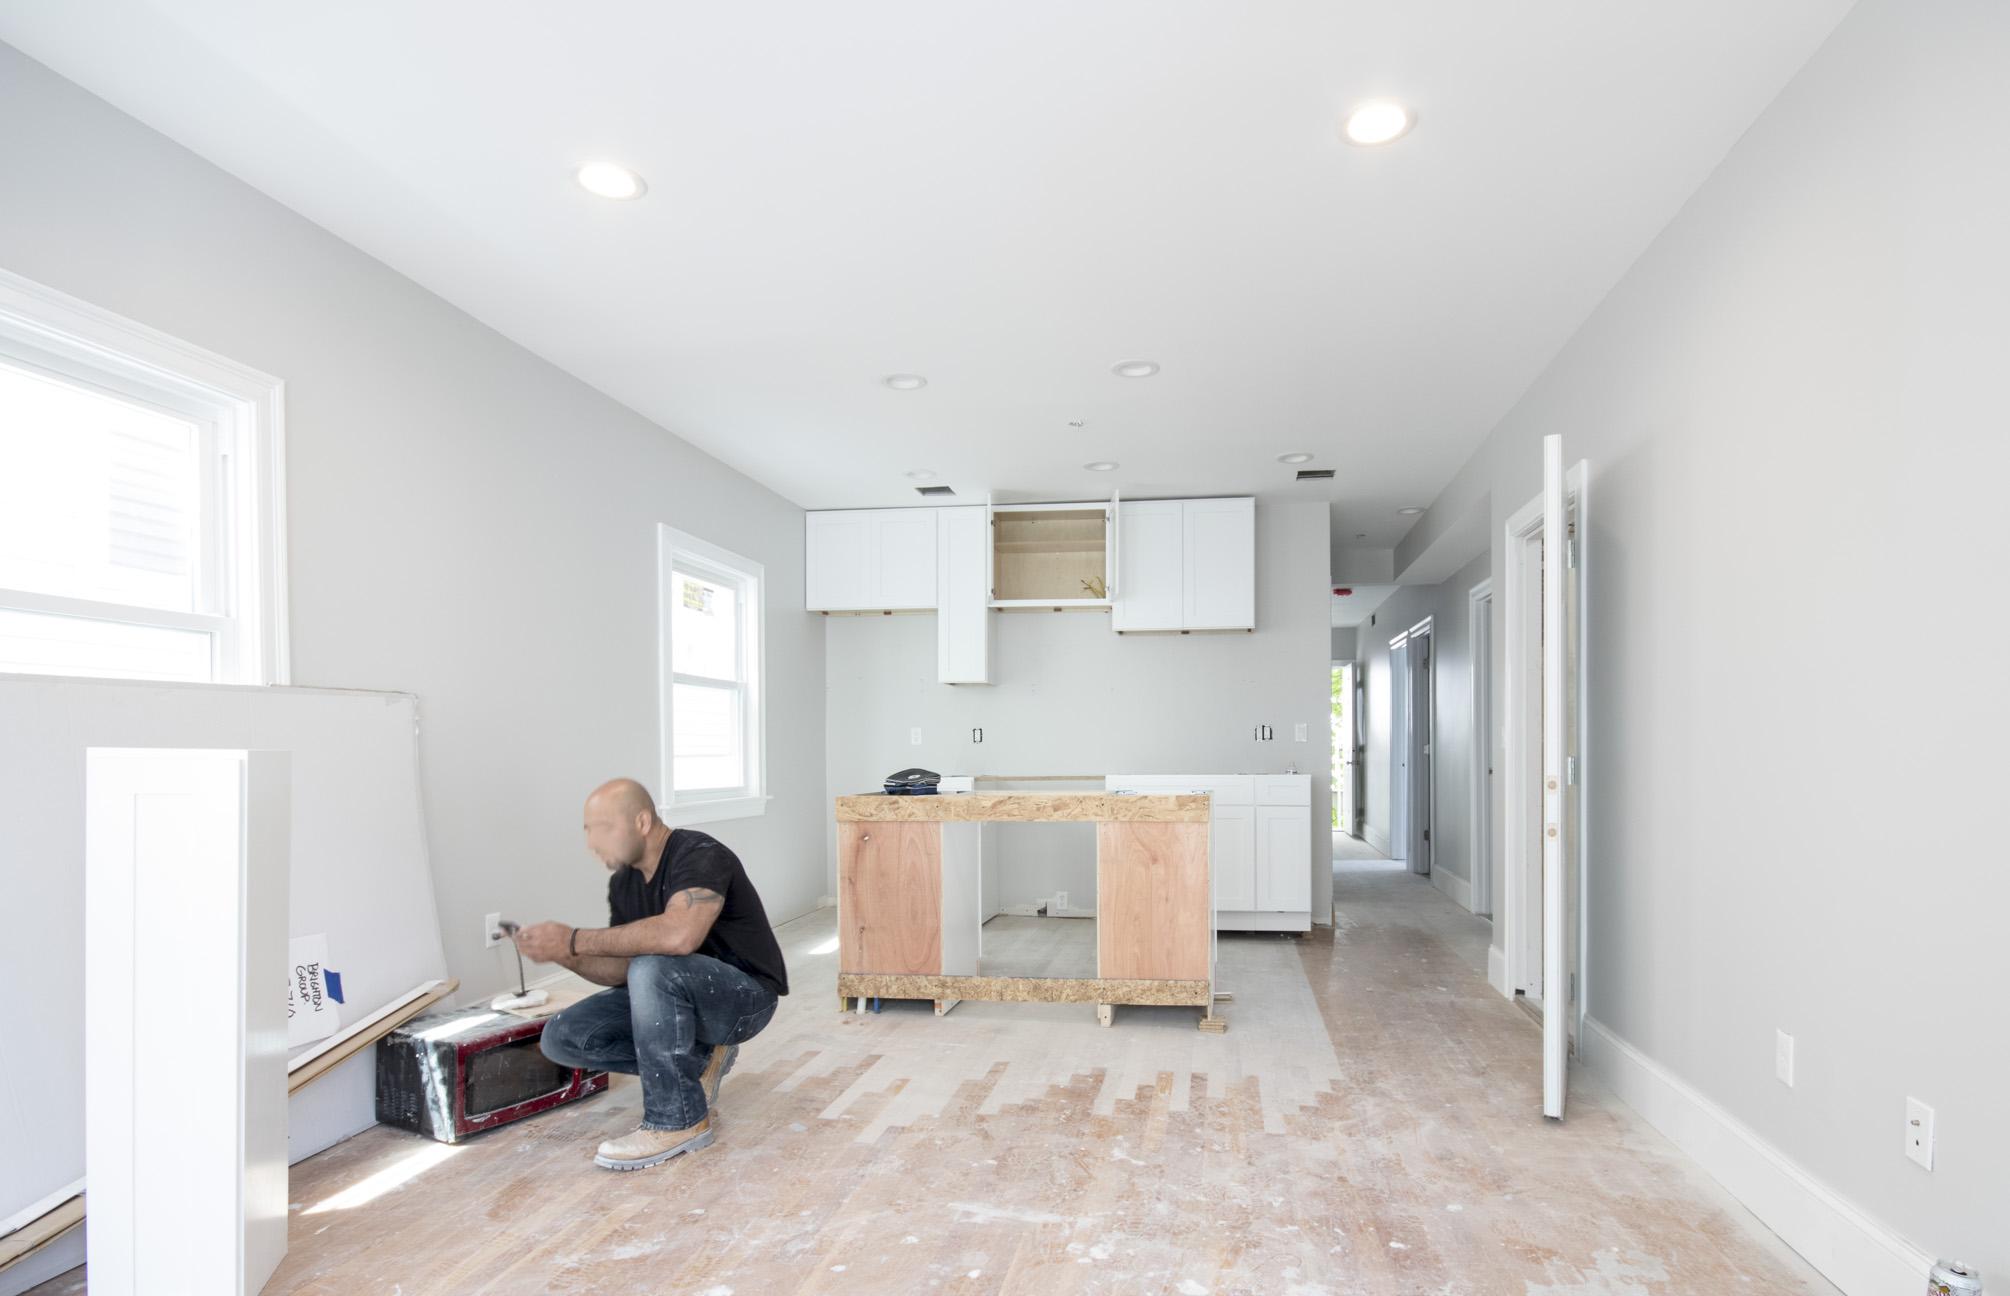 25 Darling Street Boston General Contractor P Northeast Contractors_107